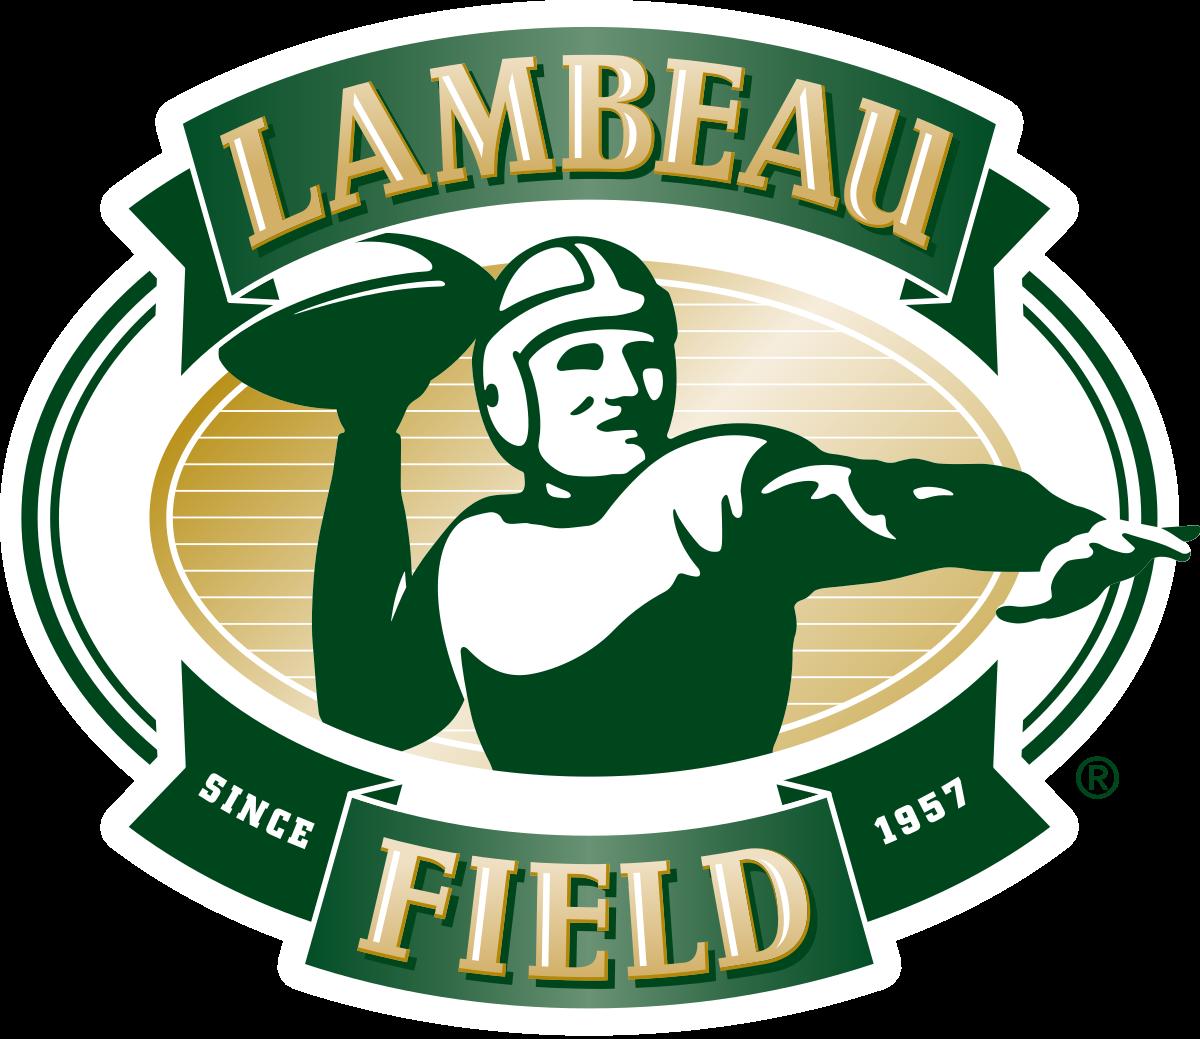 Lambeau field wikipedia . Ground clipart football court